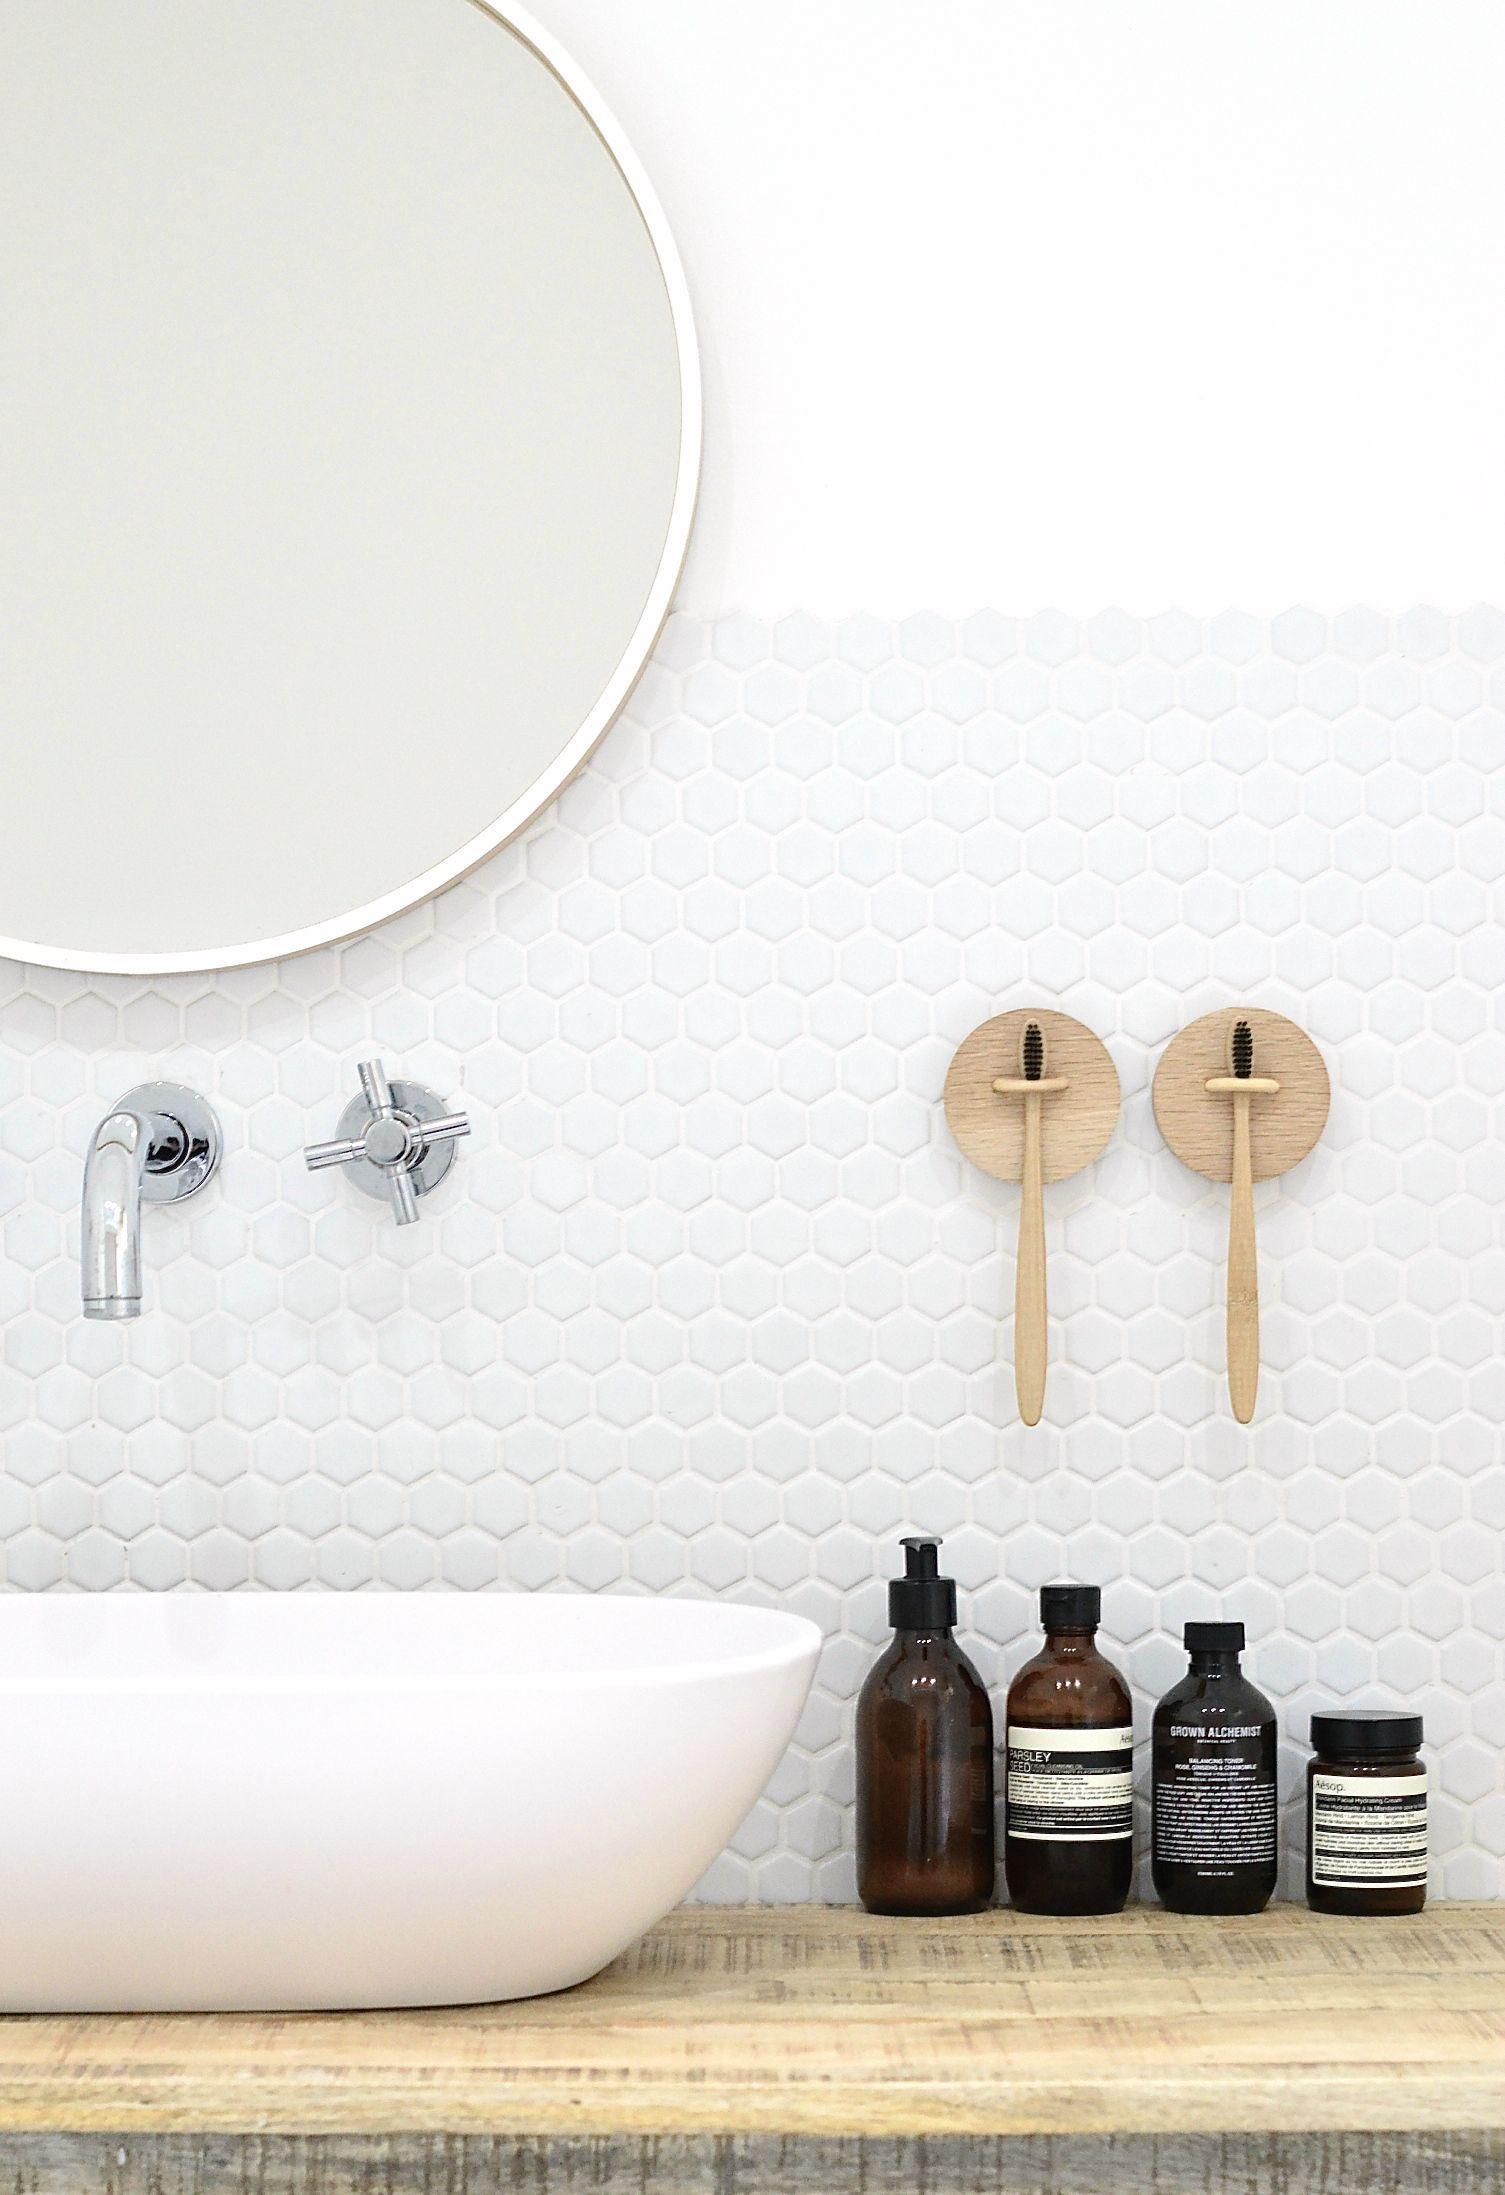 / diy wall mounted toothbrush holder